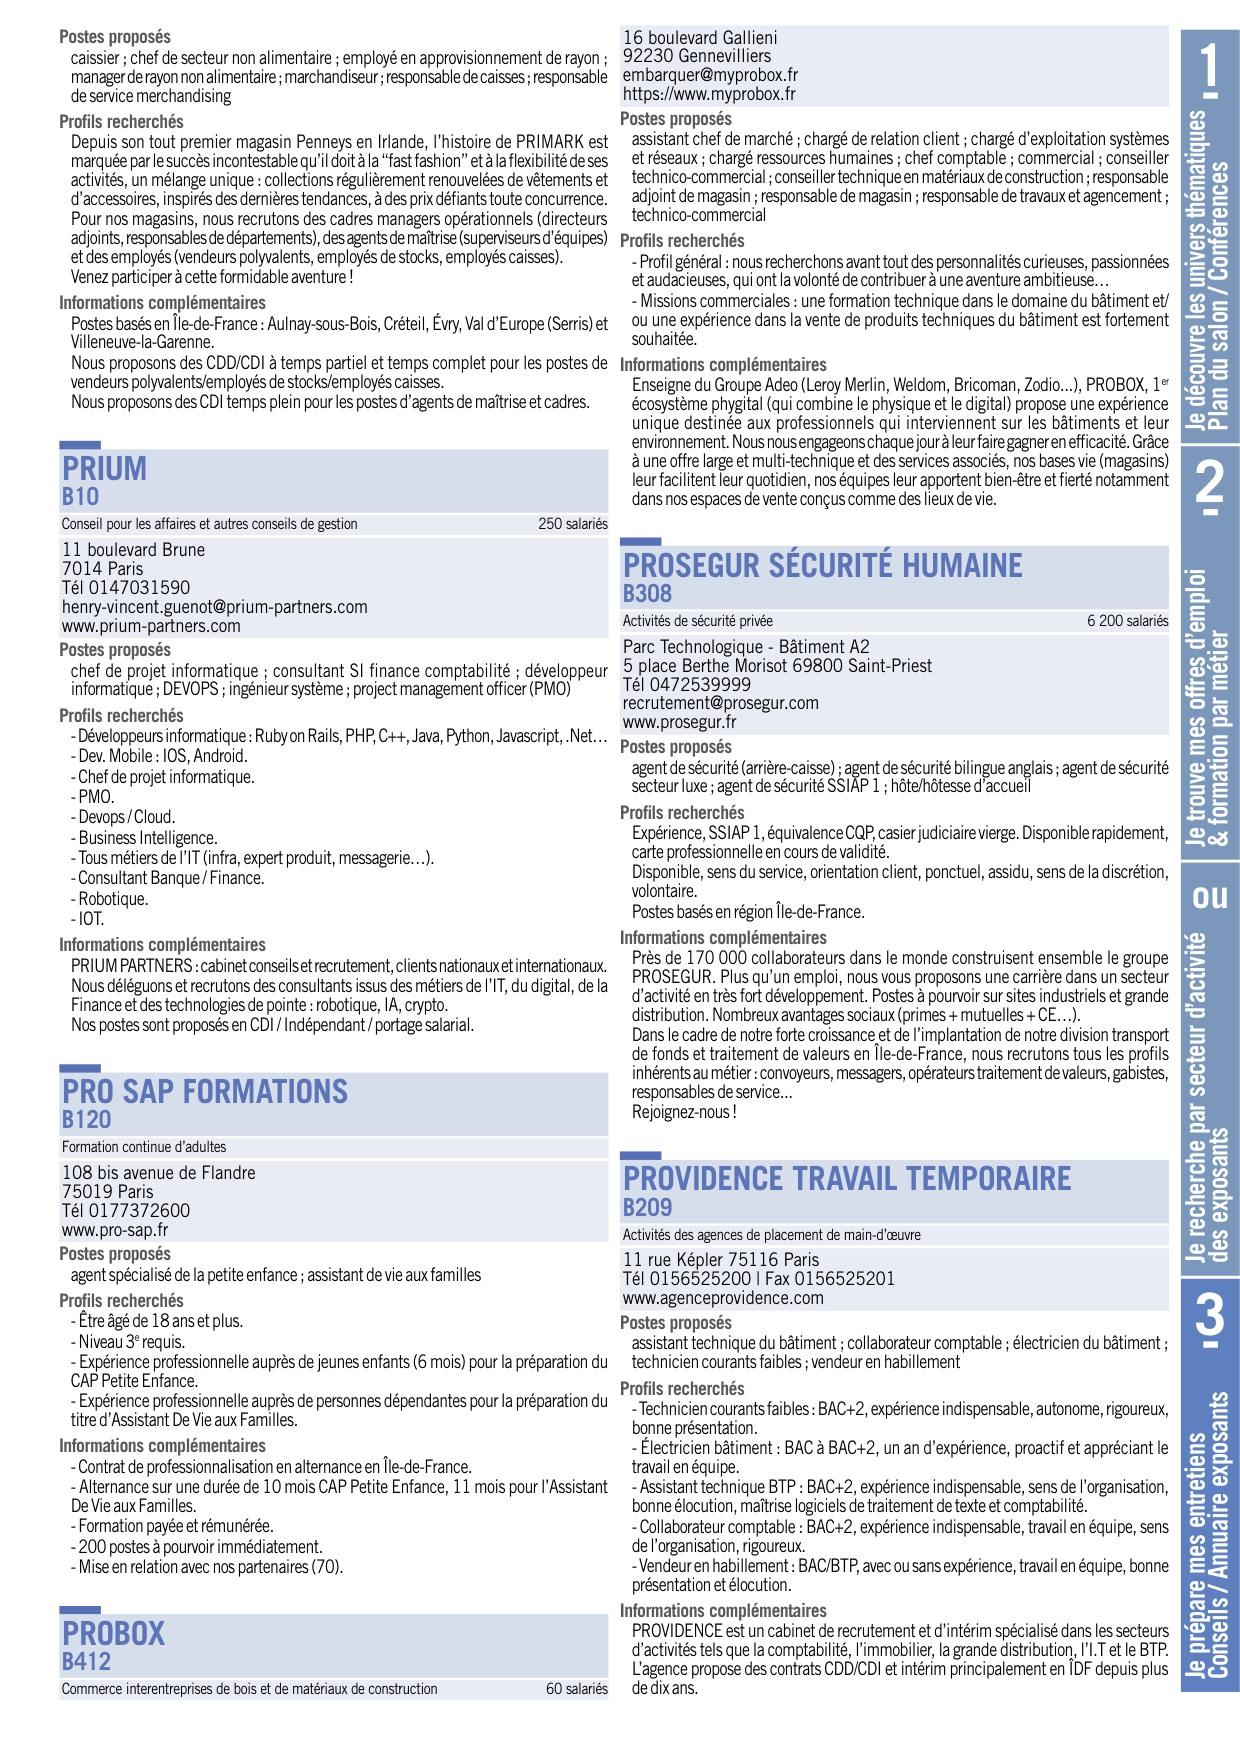 Paris Materiaux Villeneuve La Garenne paris pour l'emploi 2018 - guide pratique du candidat